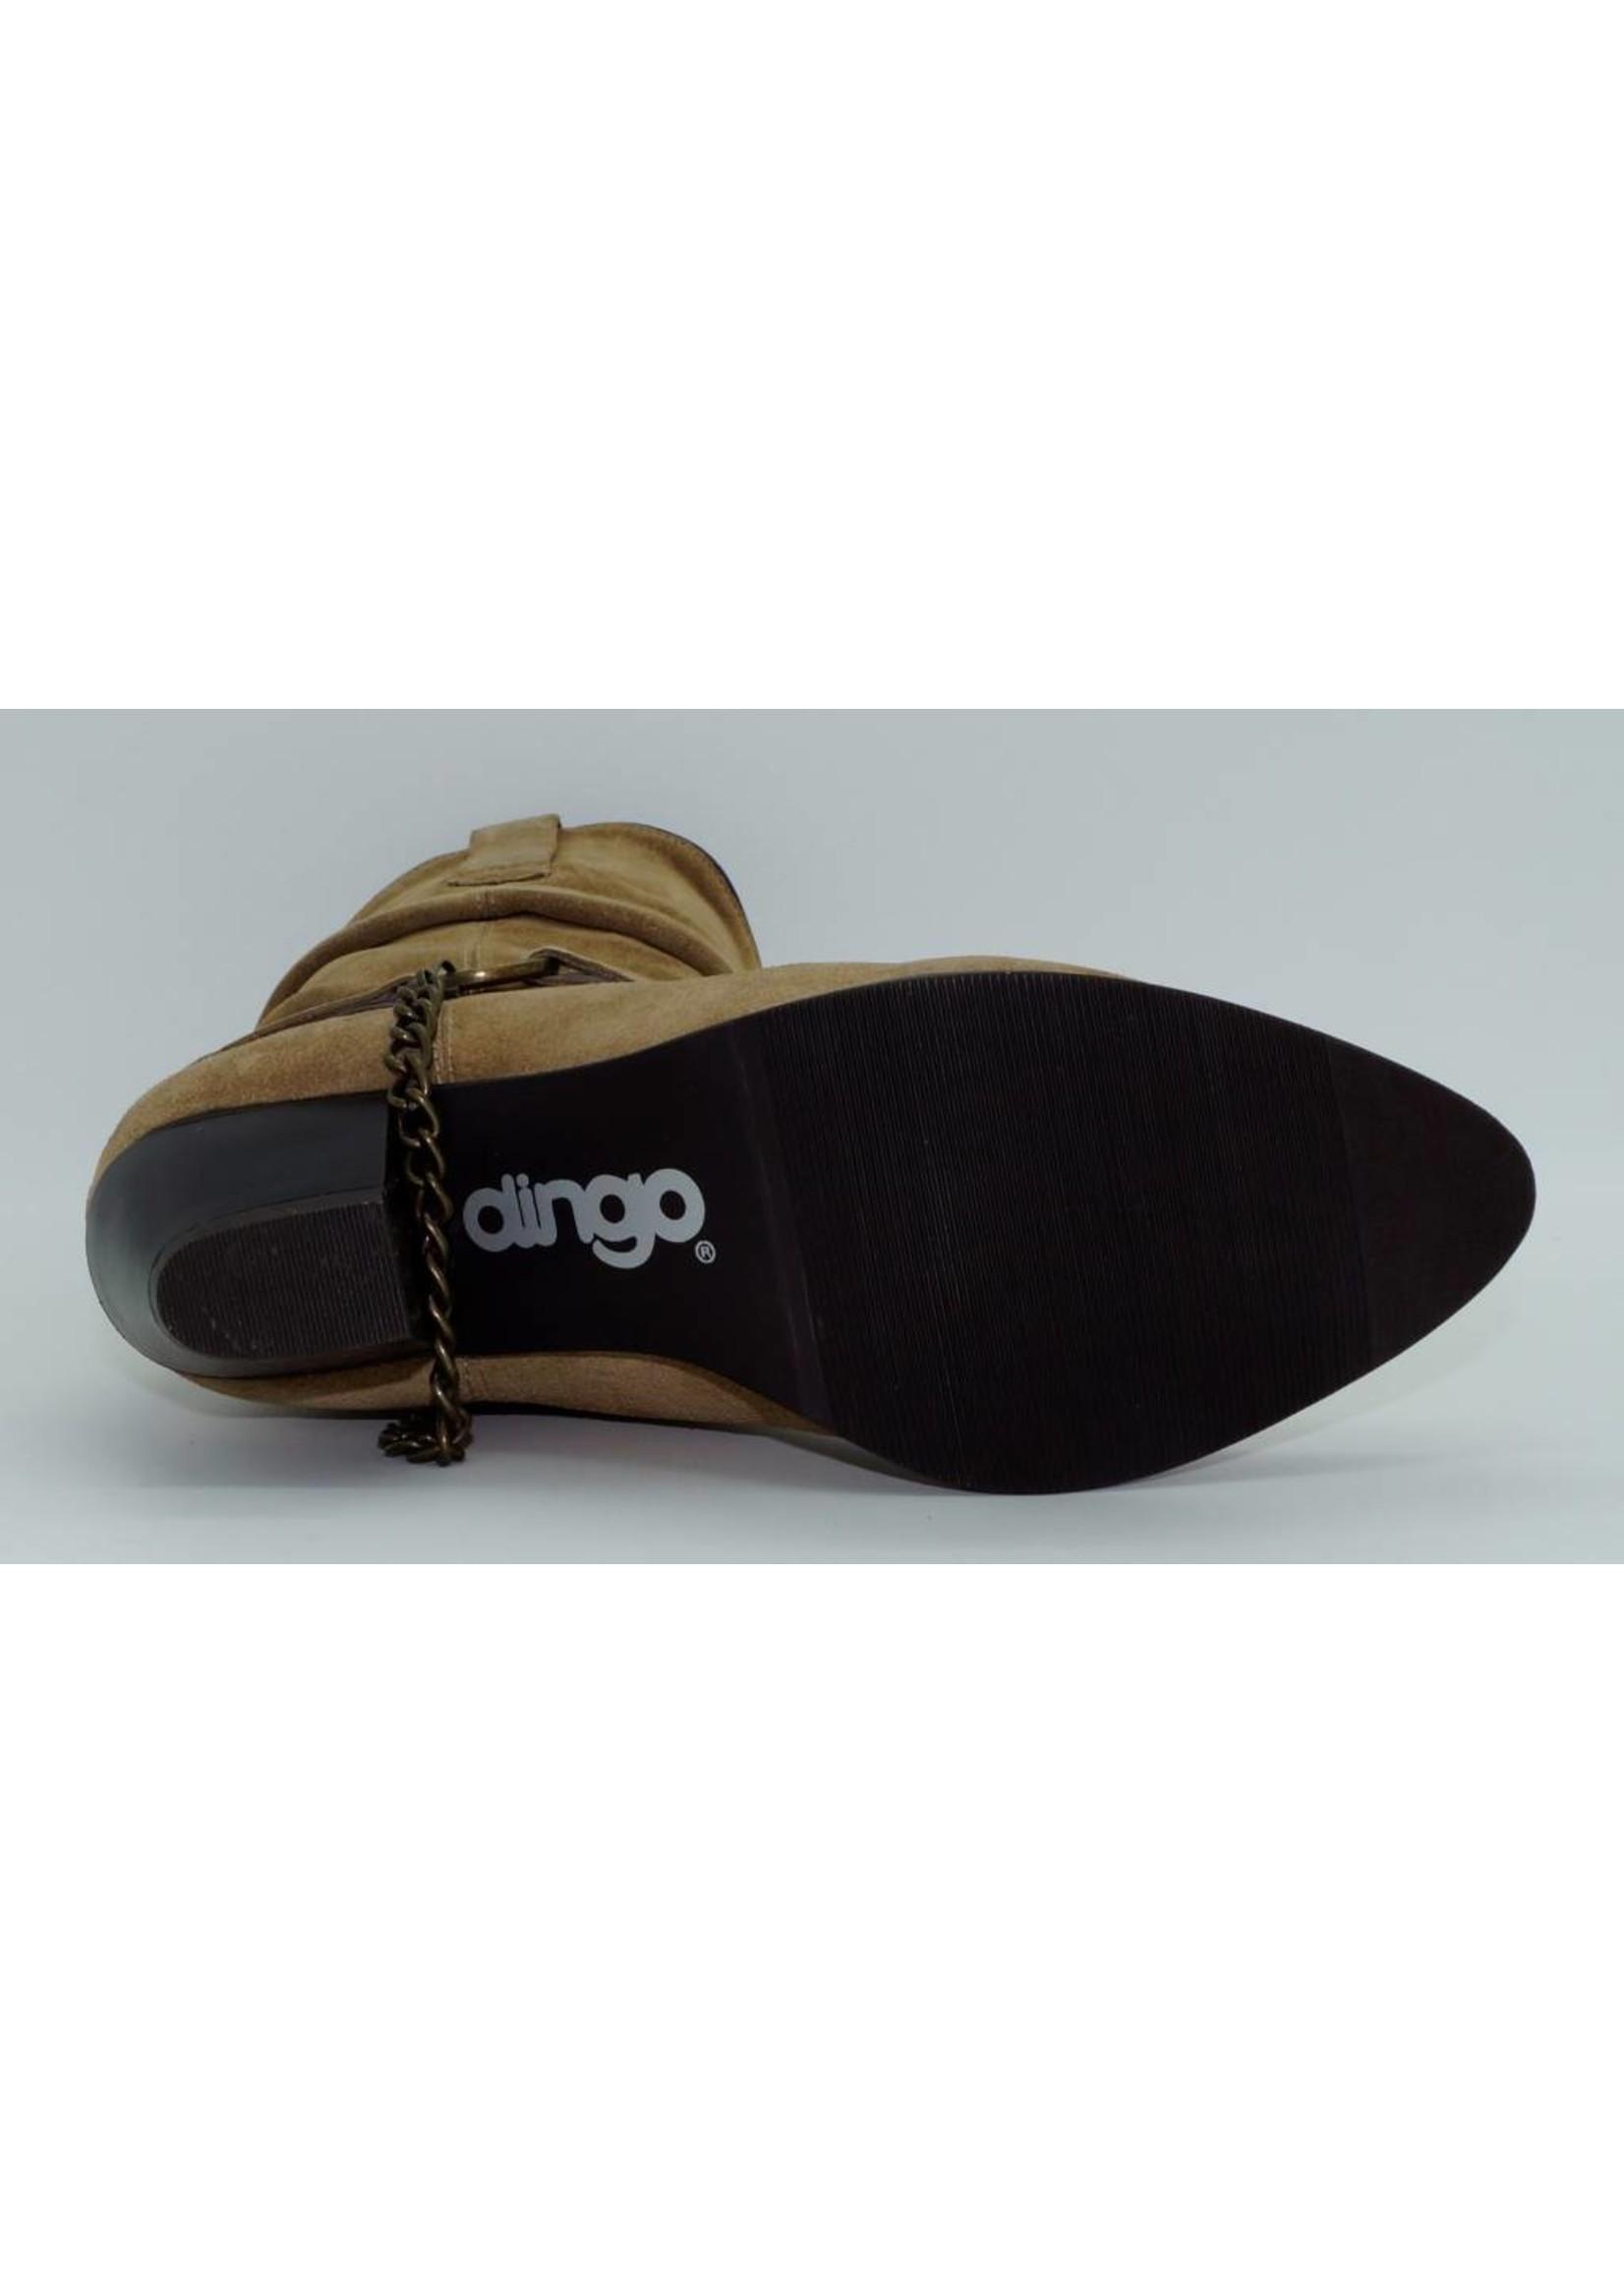 Dingo Women's Tan Slouch Suede DI519